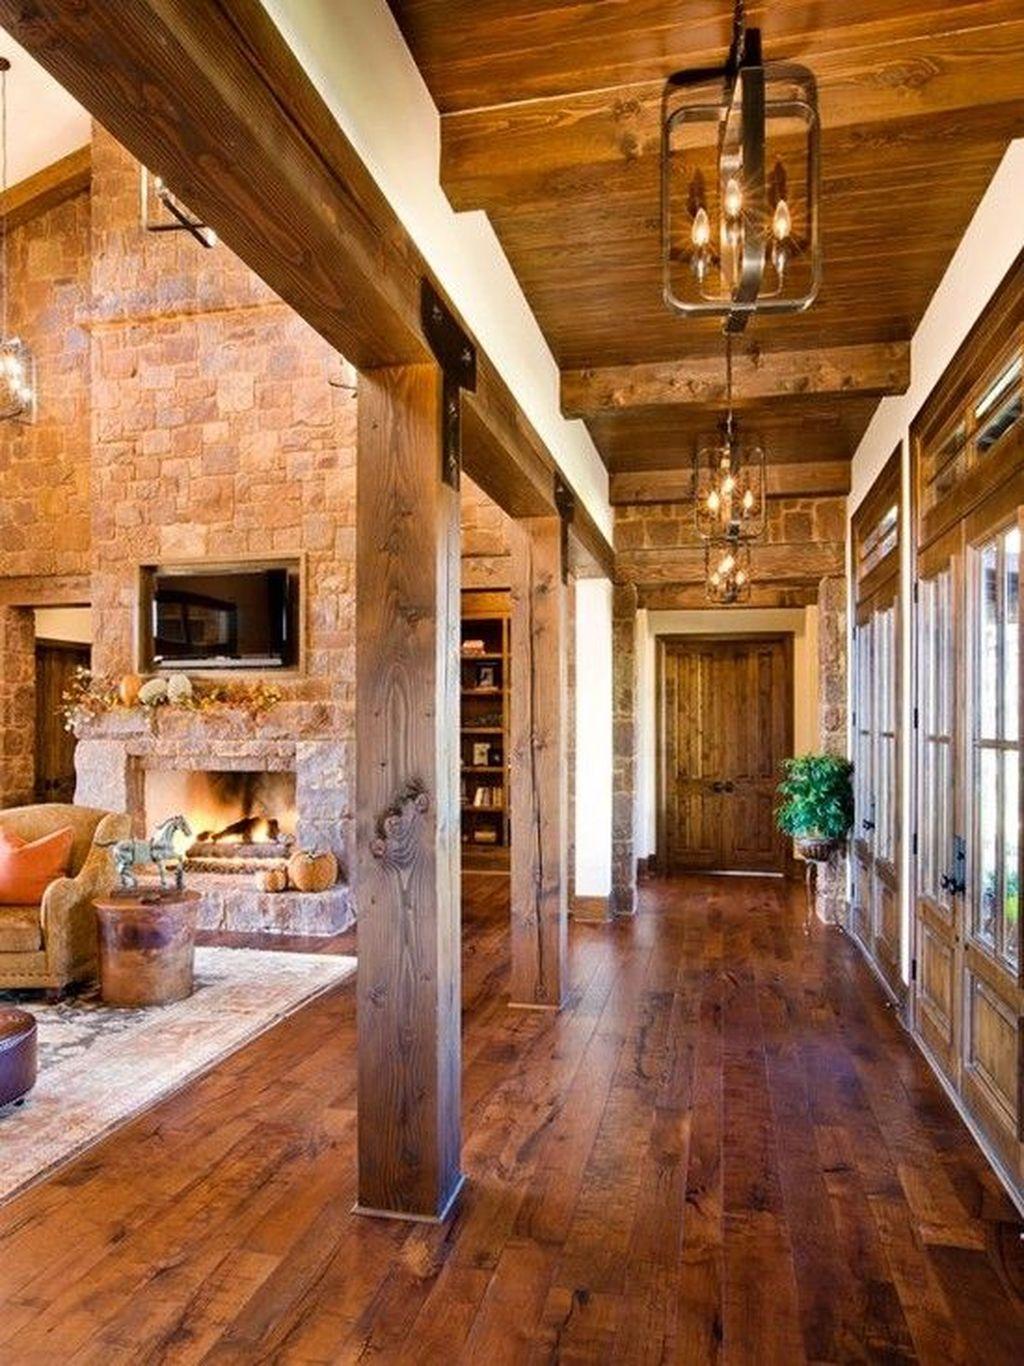 Inspiring Rustic Wooden Floor Living Room Design05